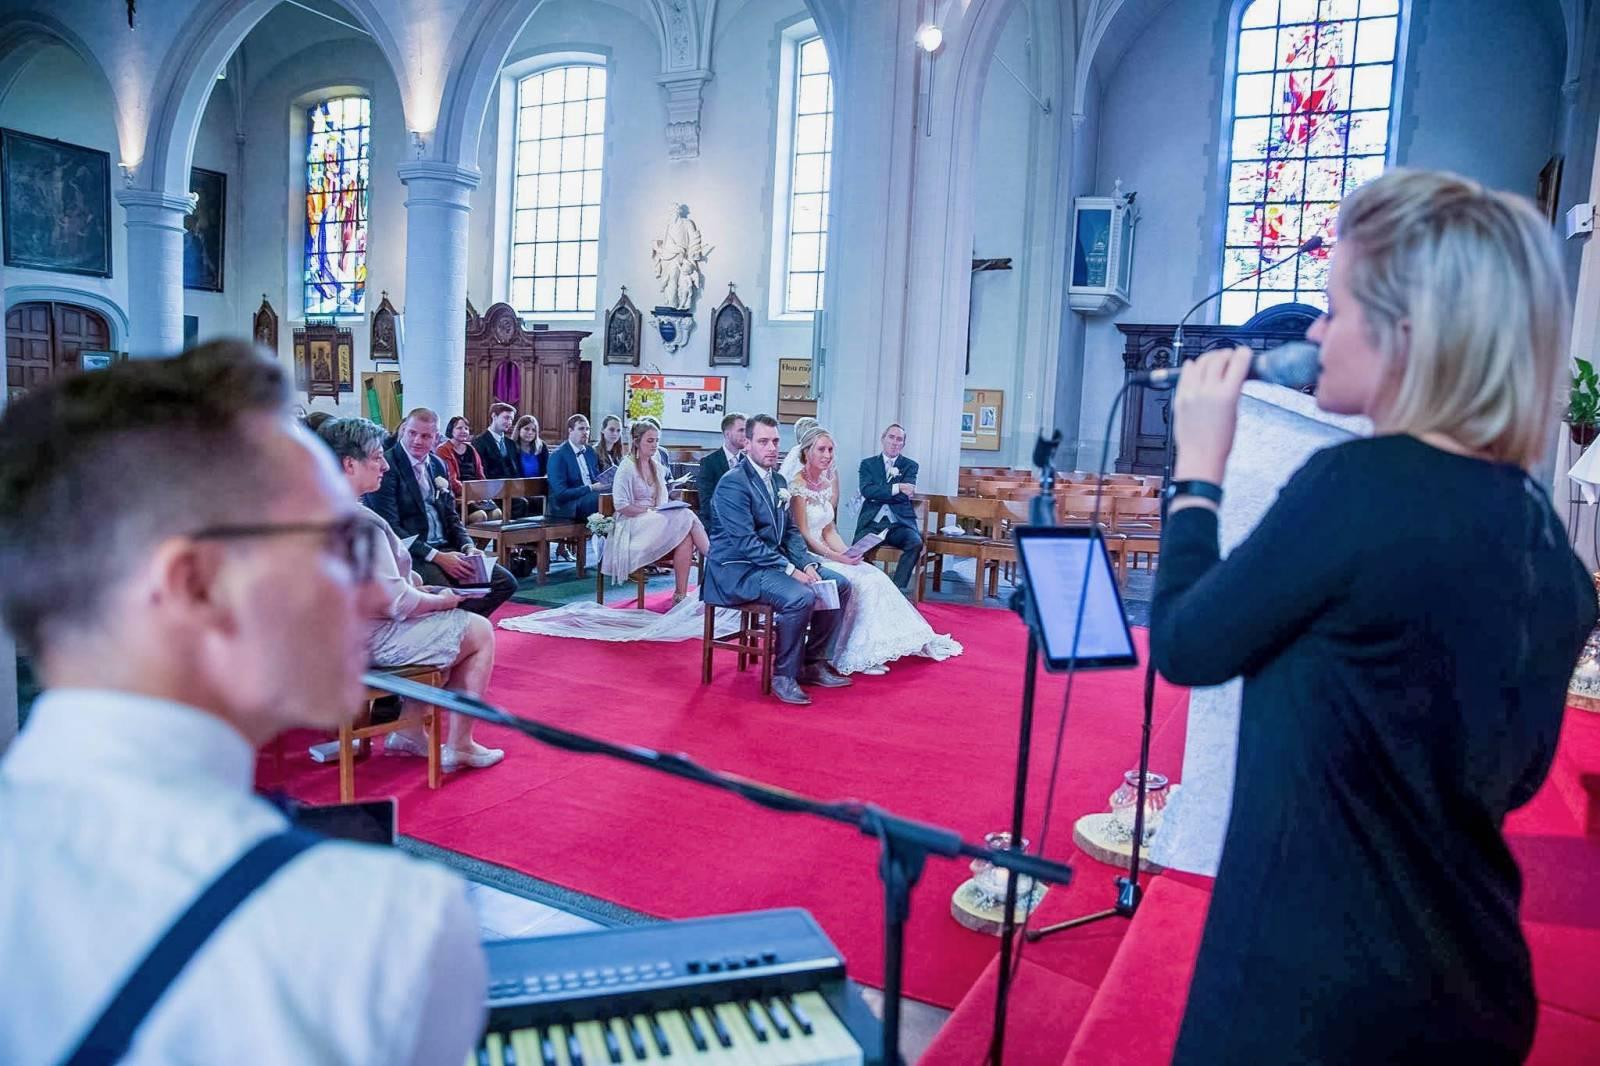 Sven Van den Wyngaert - Muziek huwelijk - House of Weddings - 8